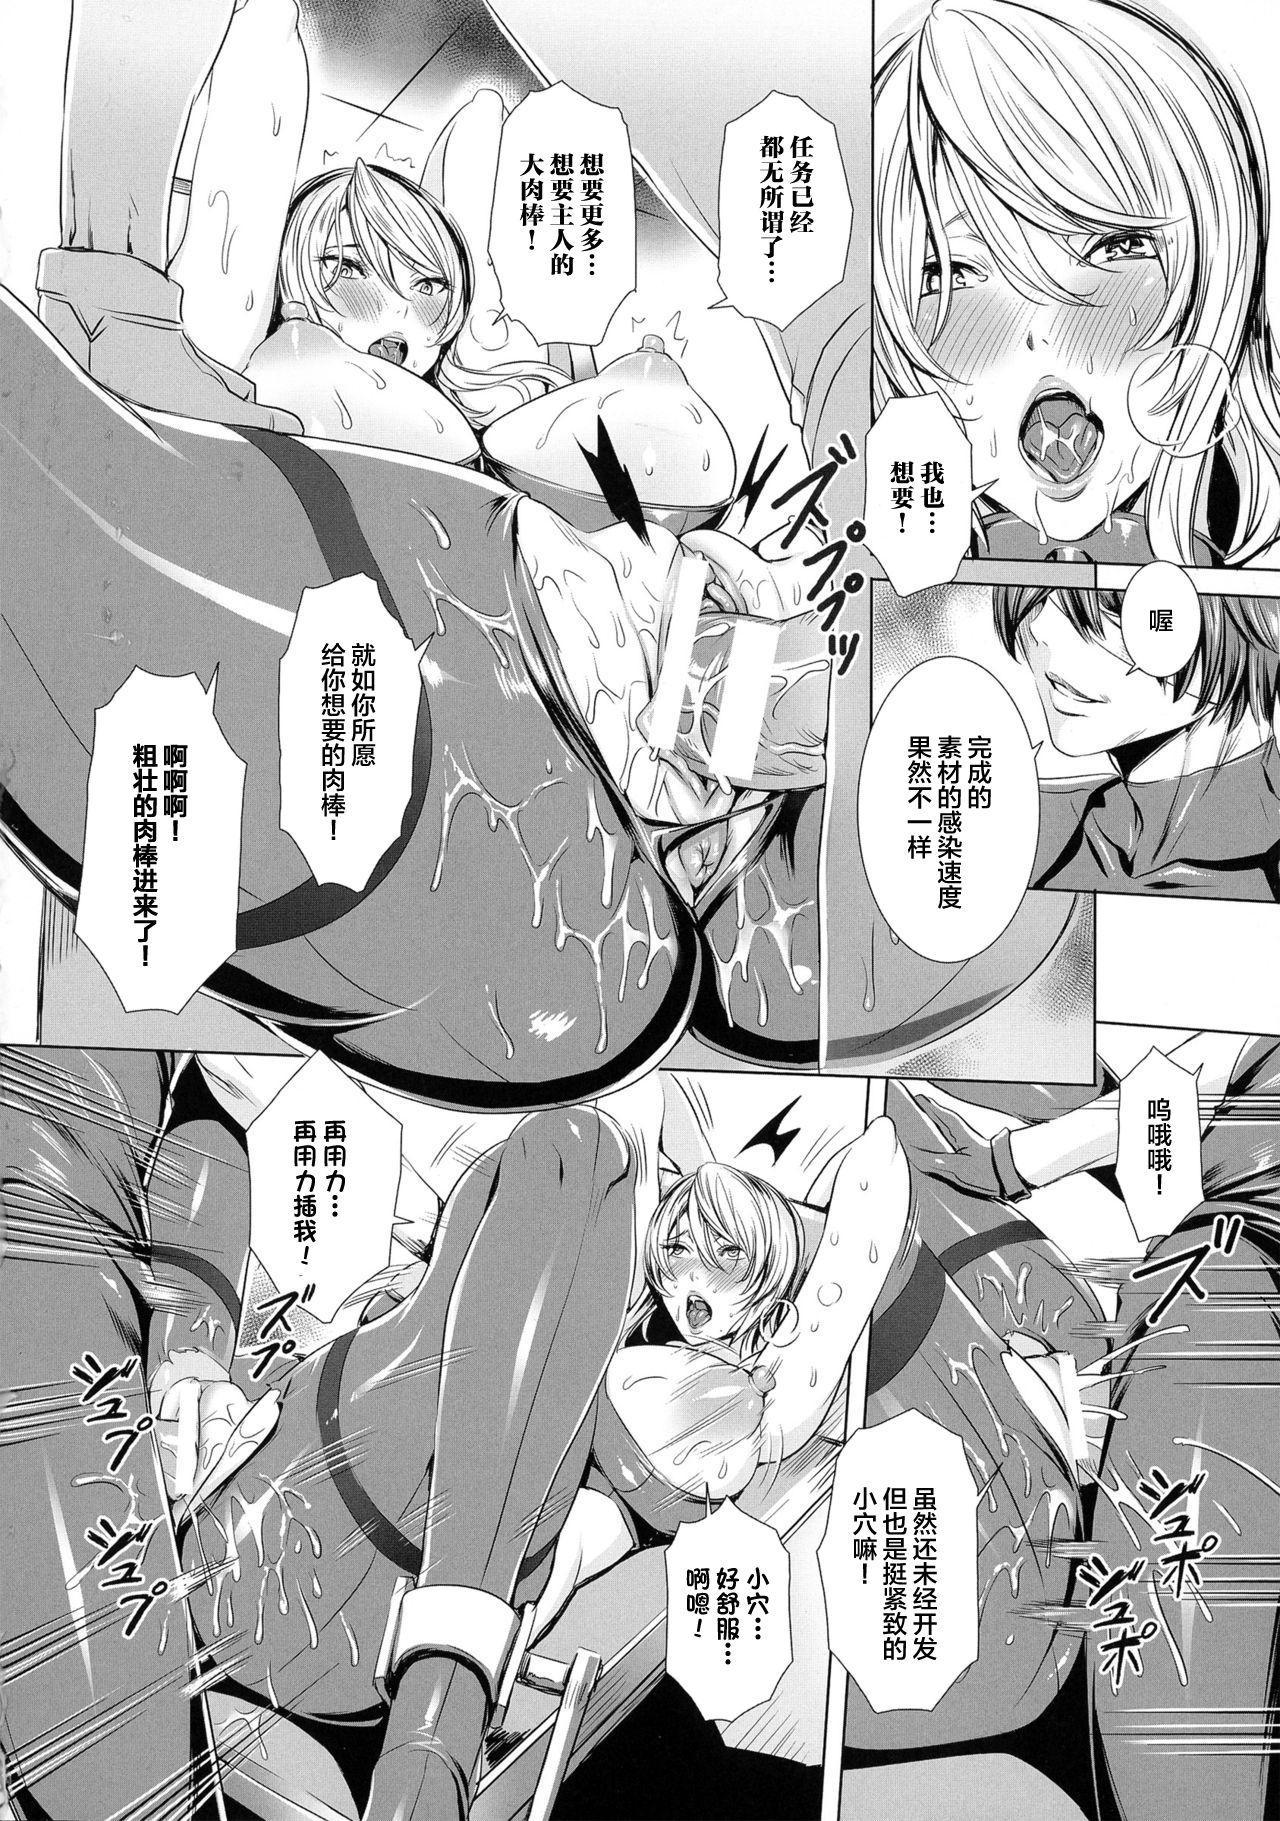 米連クレシア ー淫辱のブレインコネクトー 9